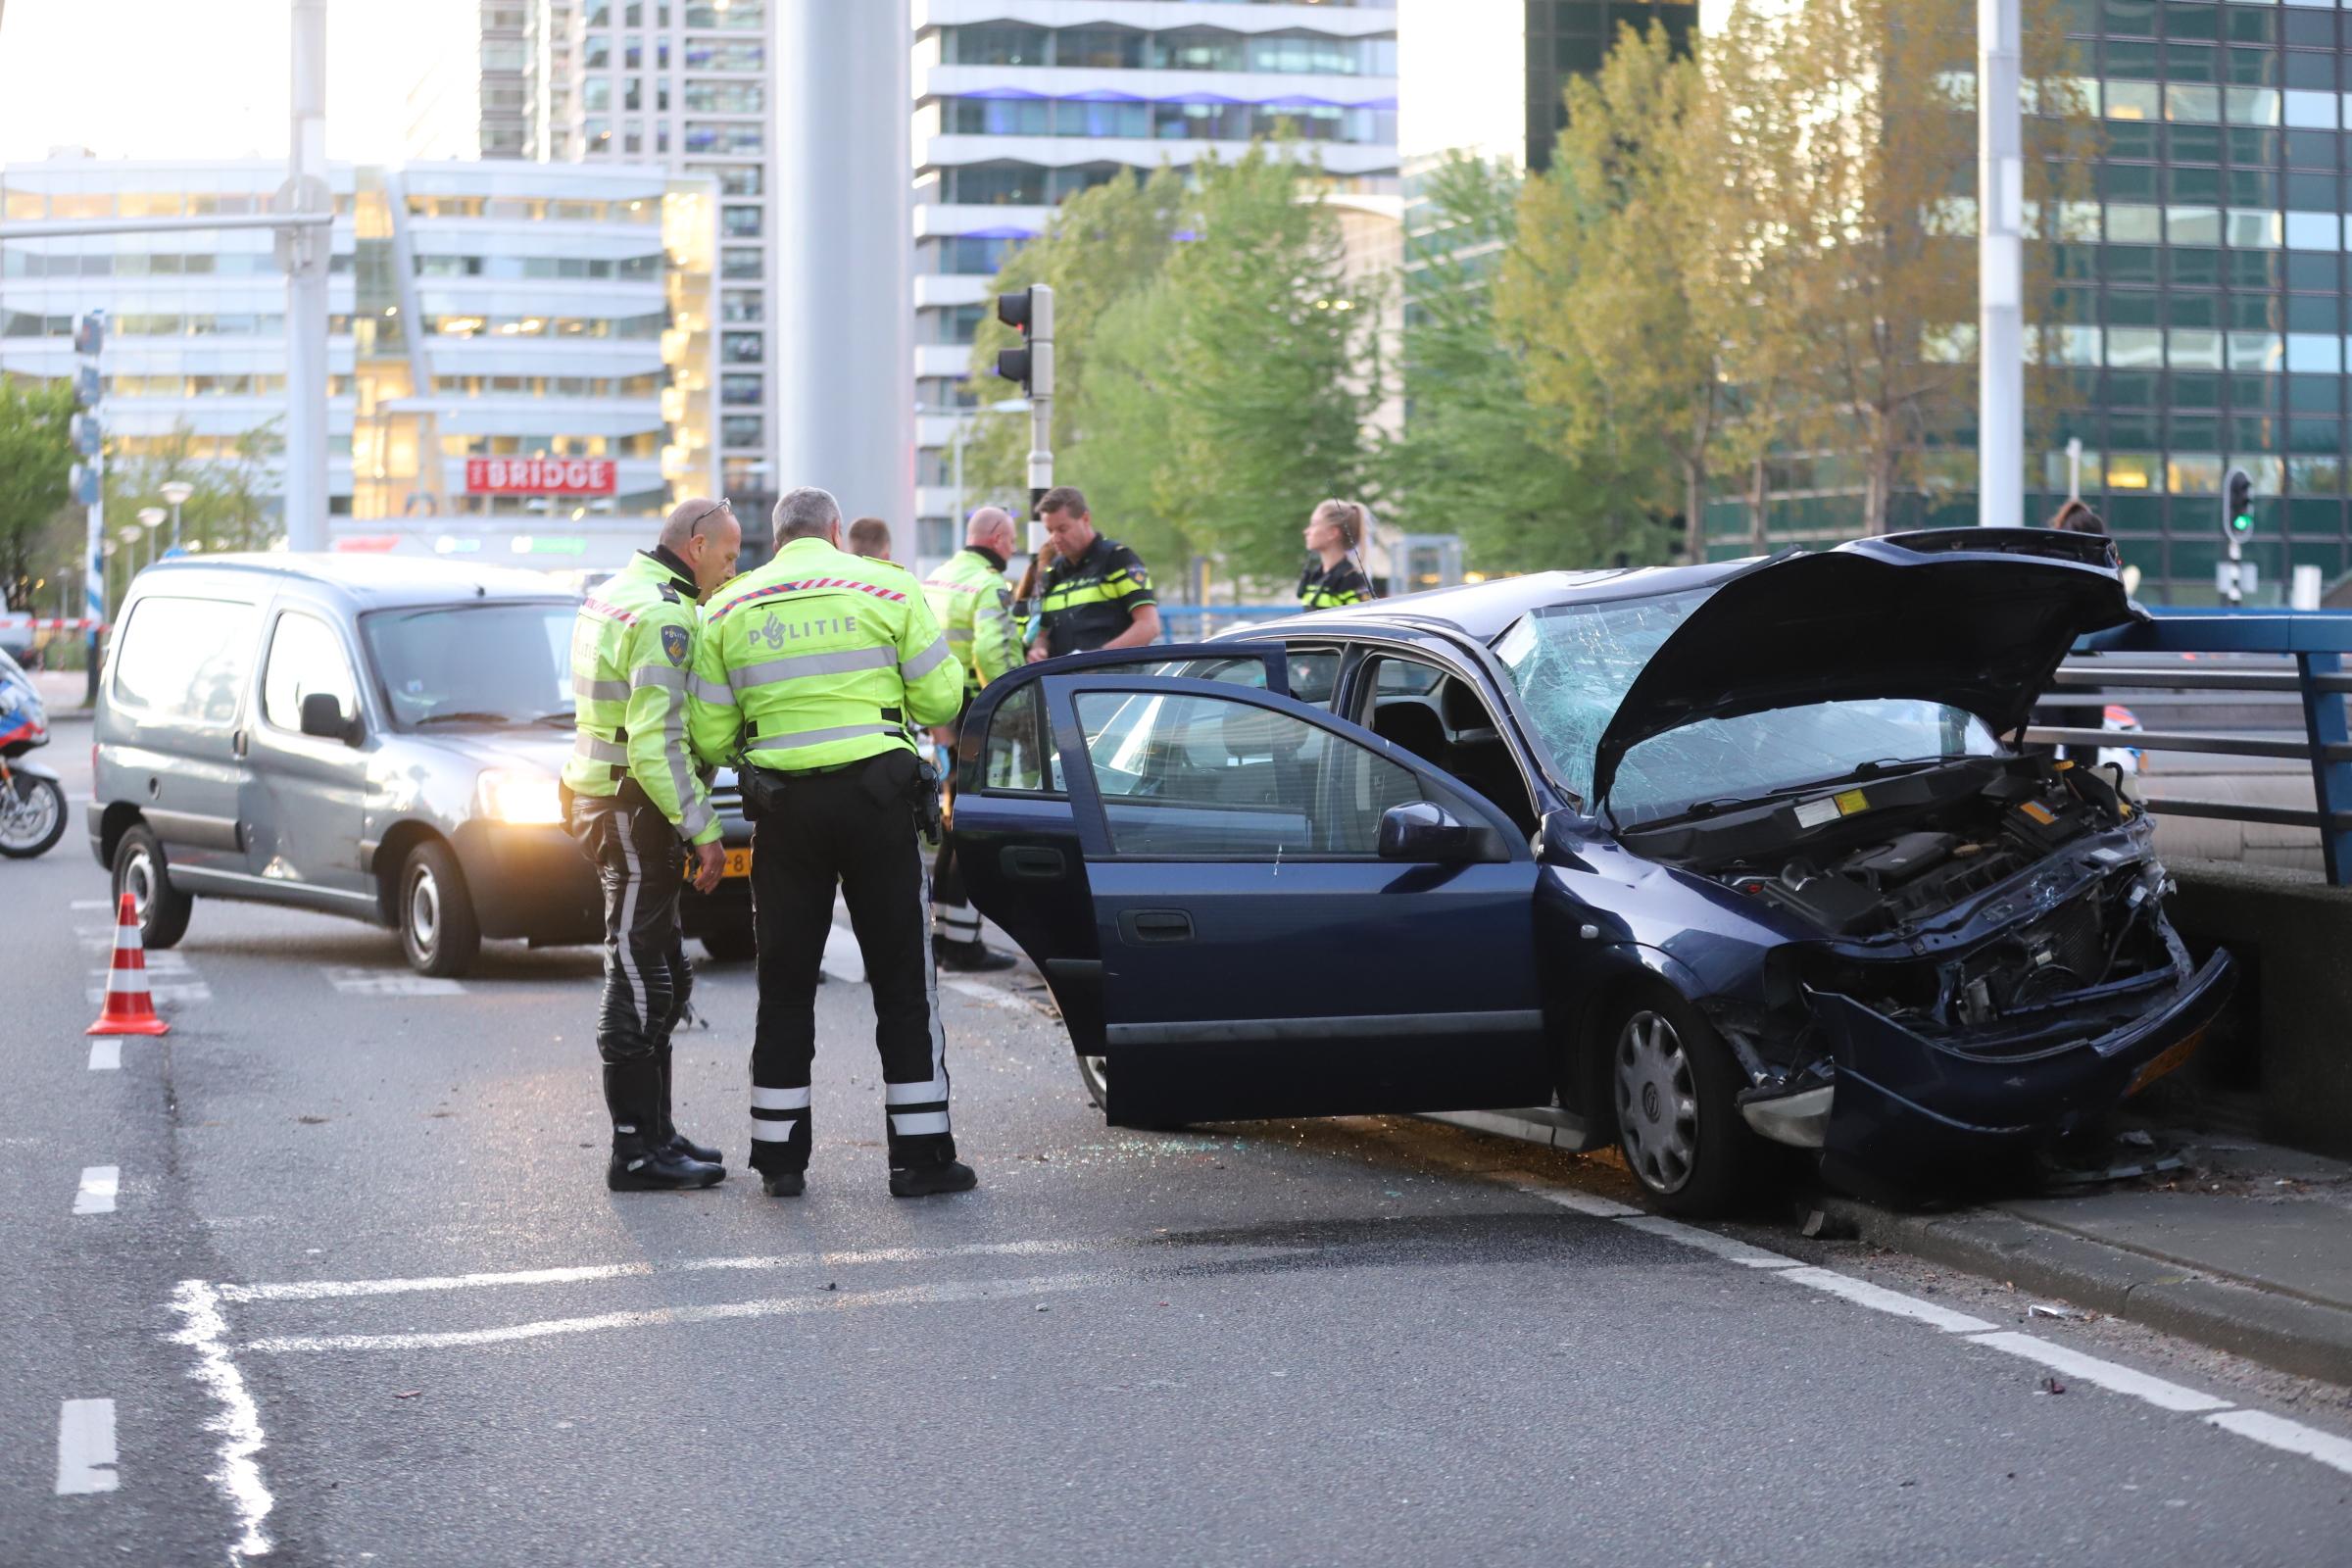 Samantha de Jong na ernstig auto-ongeluk in ziekenhuis